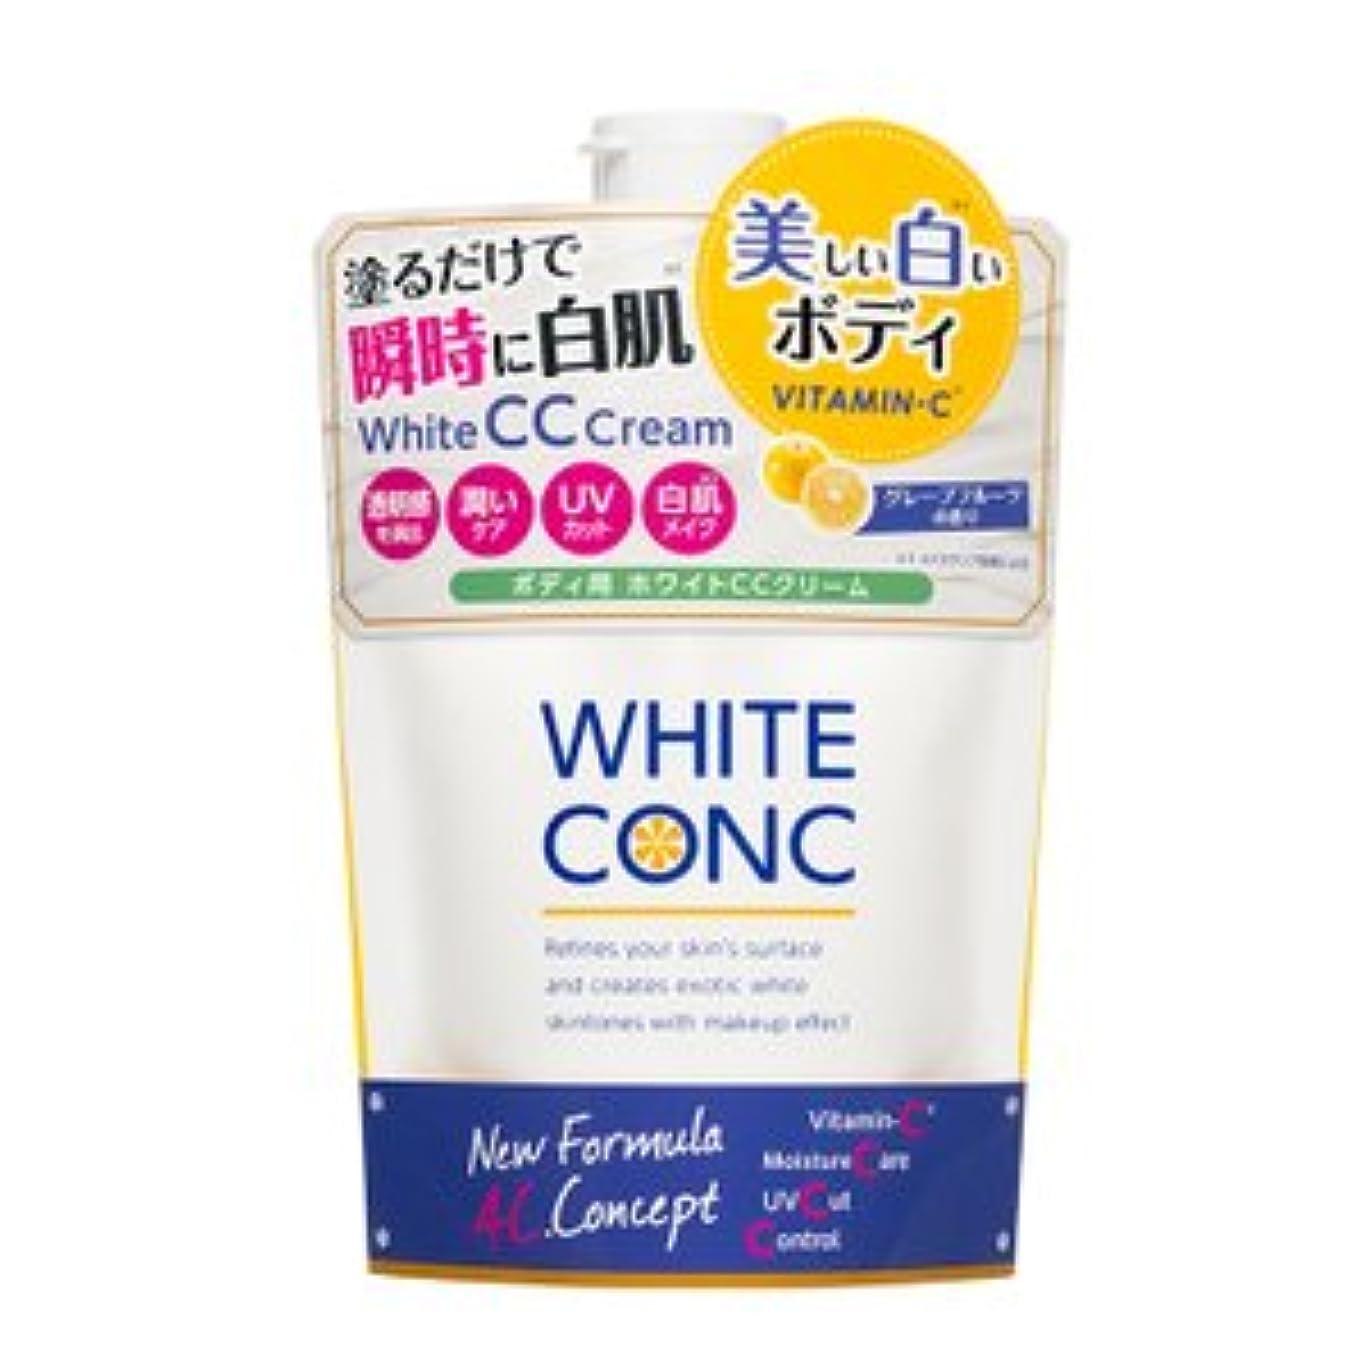 に対応貼り直すグラス薬用ホワイトコンクホワイトCCクリーム 200g